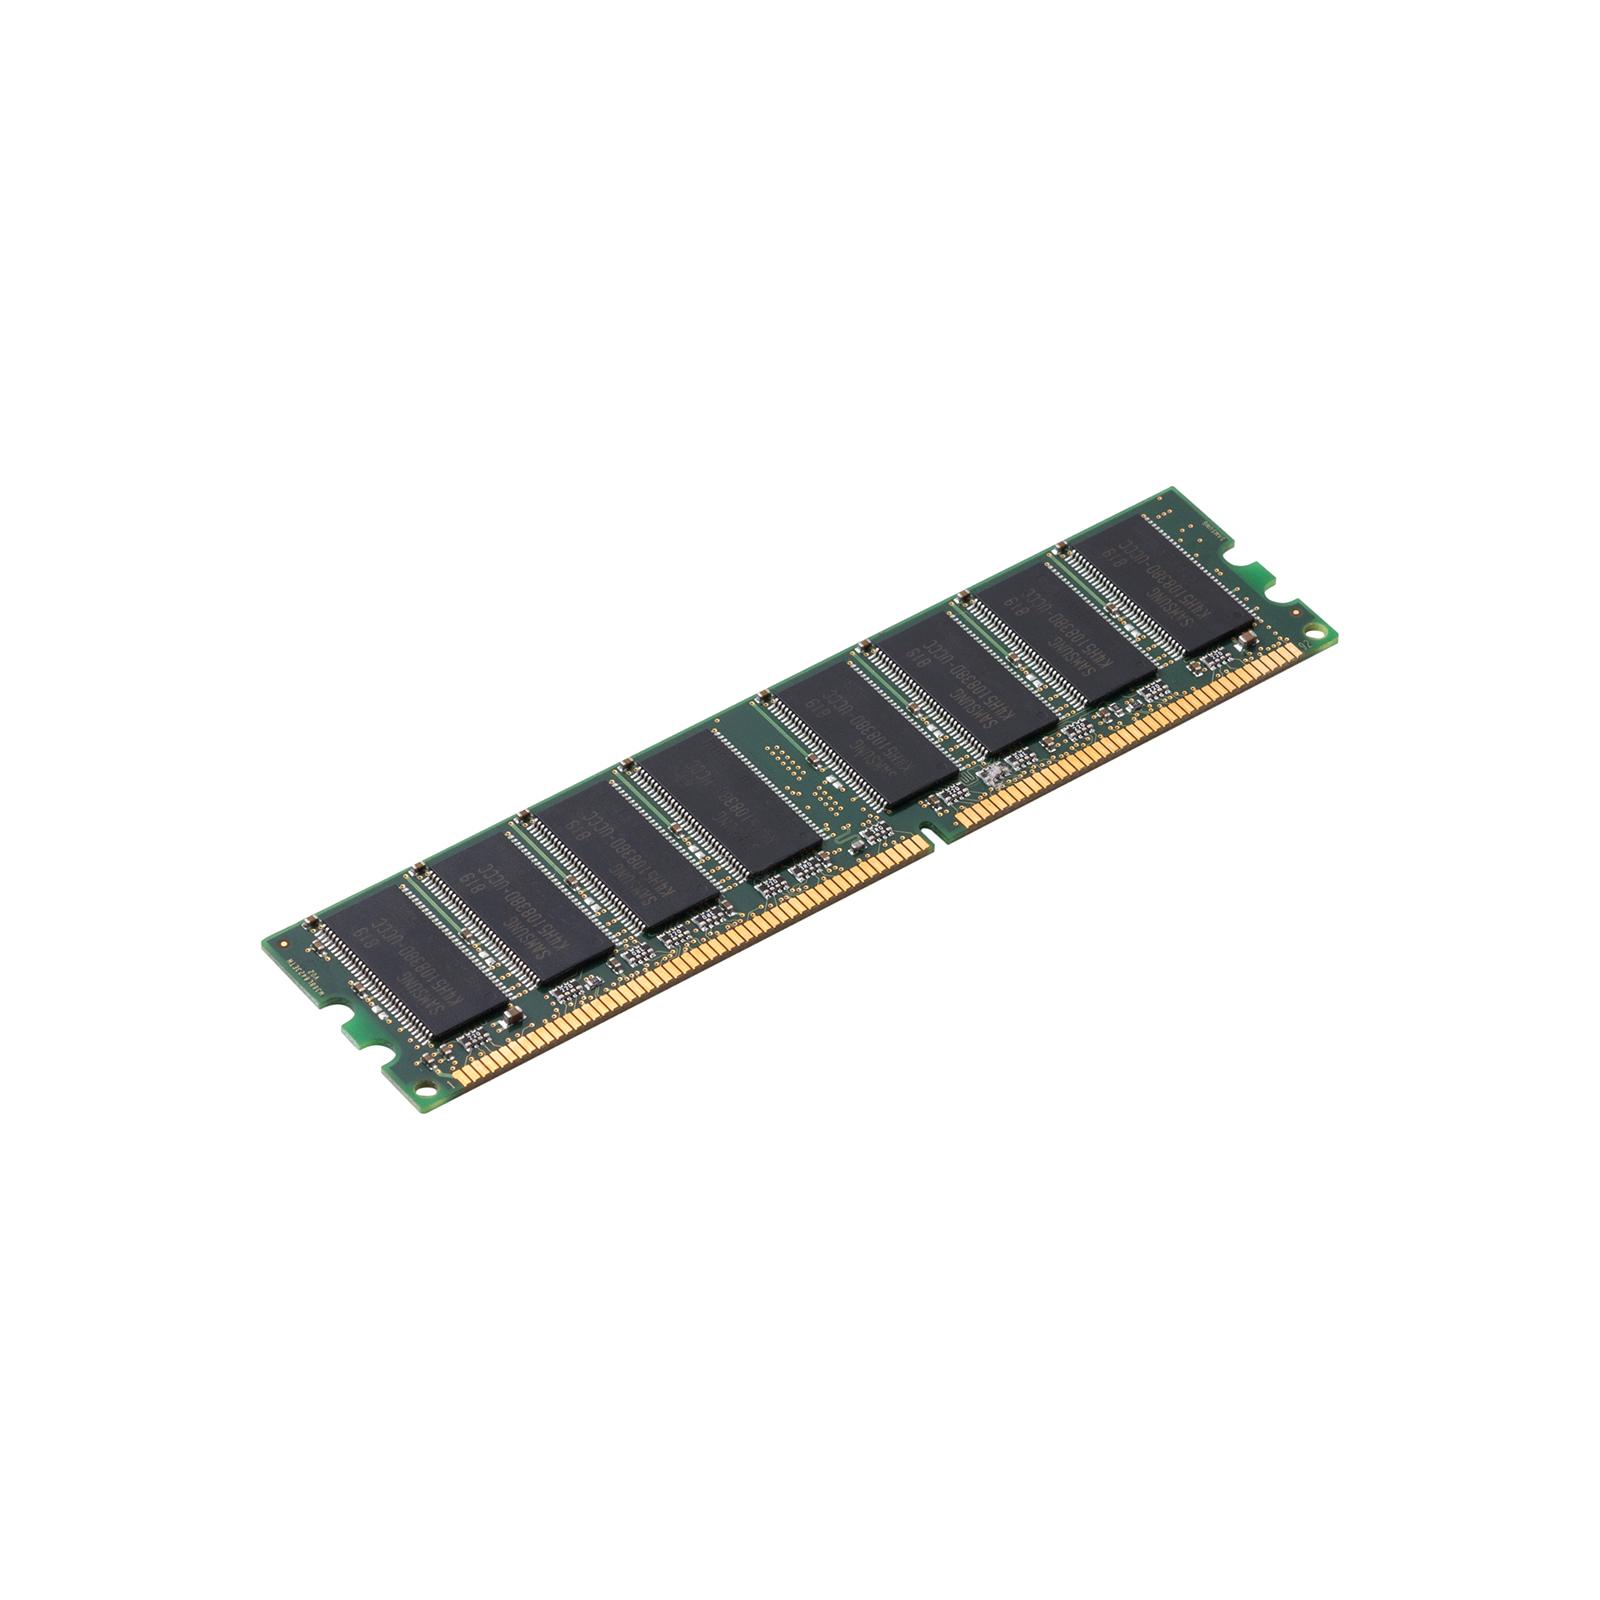 Модуль памяти для компьютера DDR 1GB 400 MHz Samsung (SAMD7AUDR-50M48) изображение 2